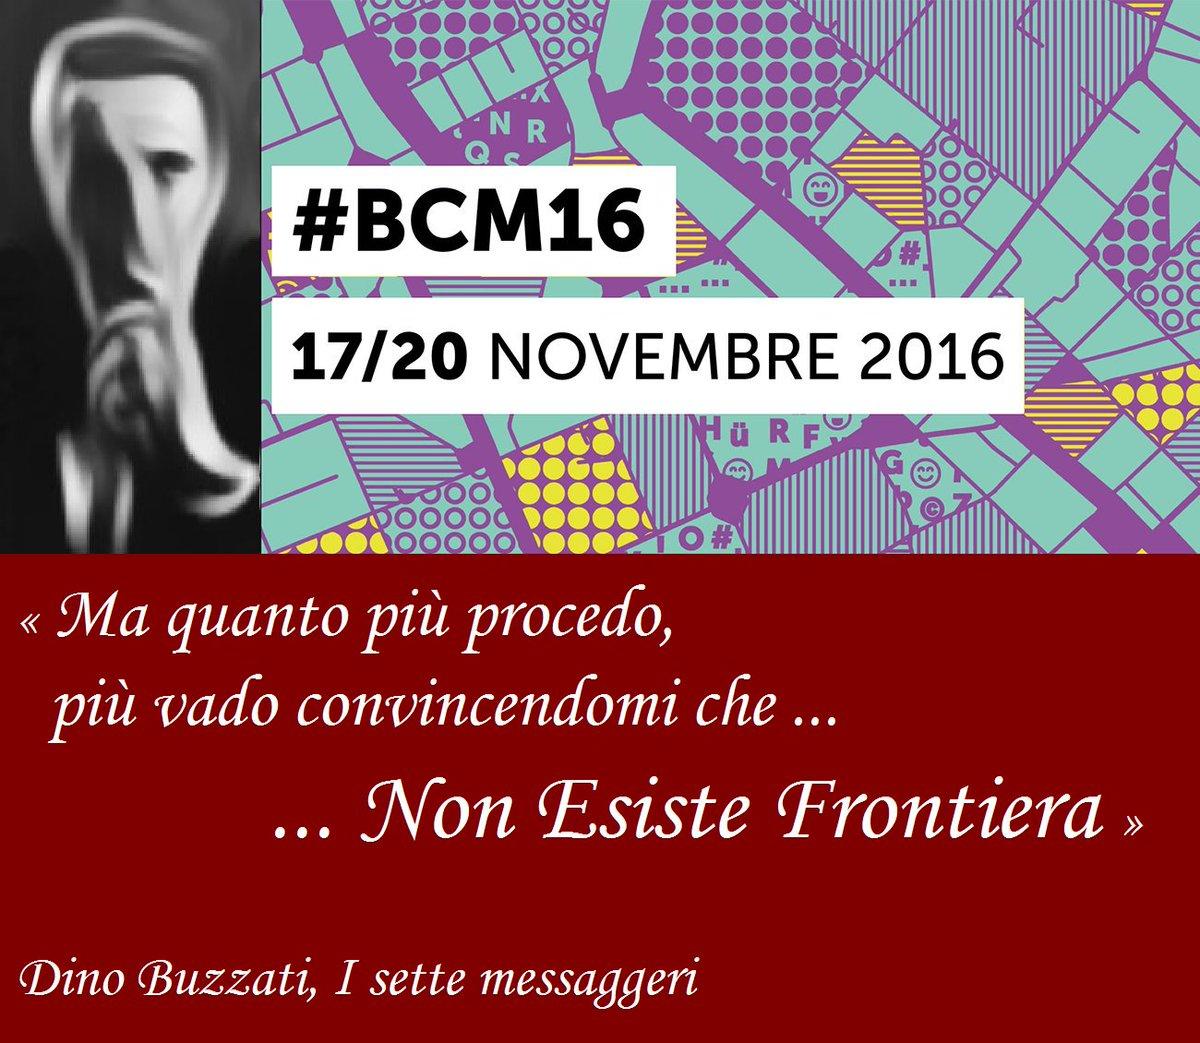 Dino Buzzati Quotes (@BuzzatiQuotes) | Twitter